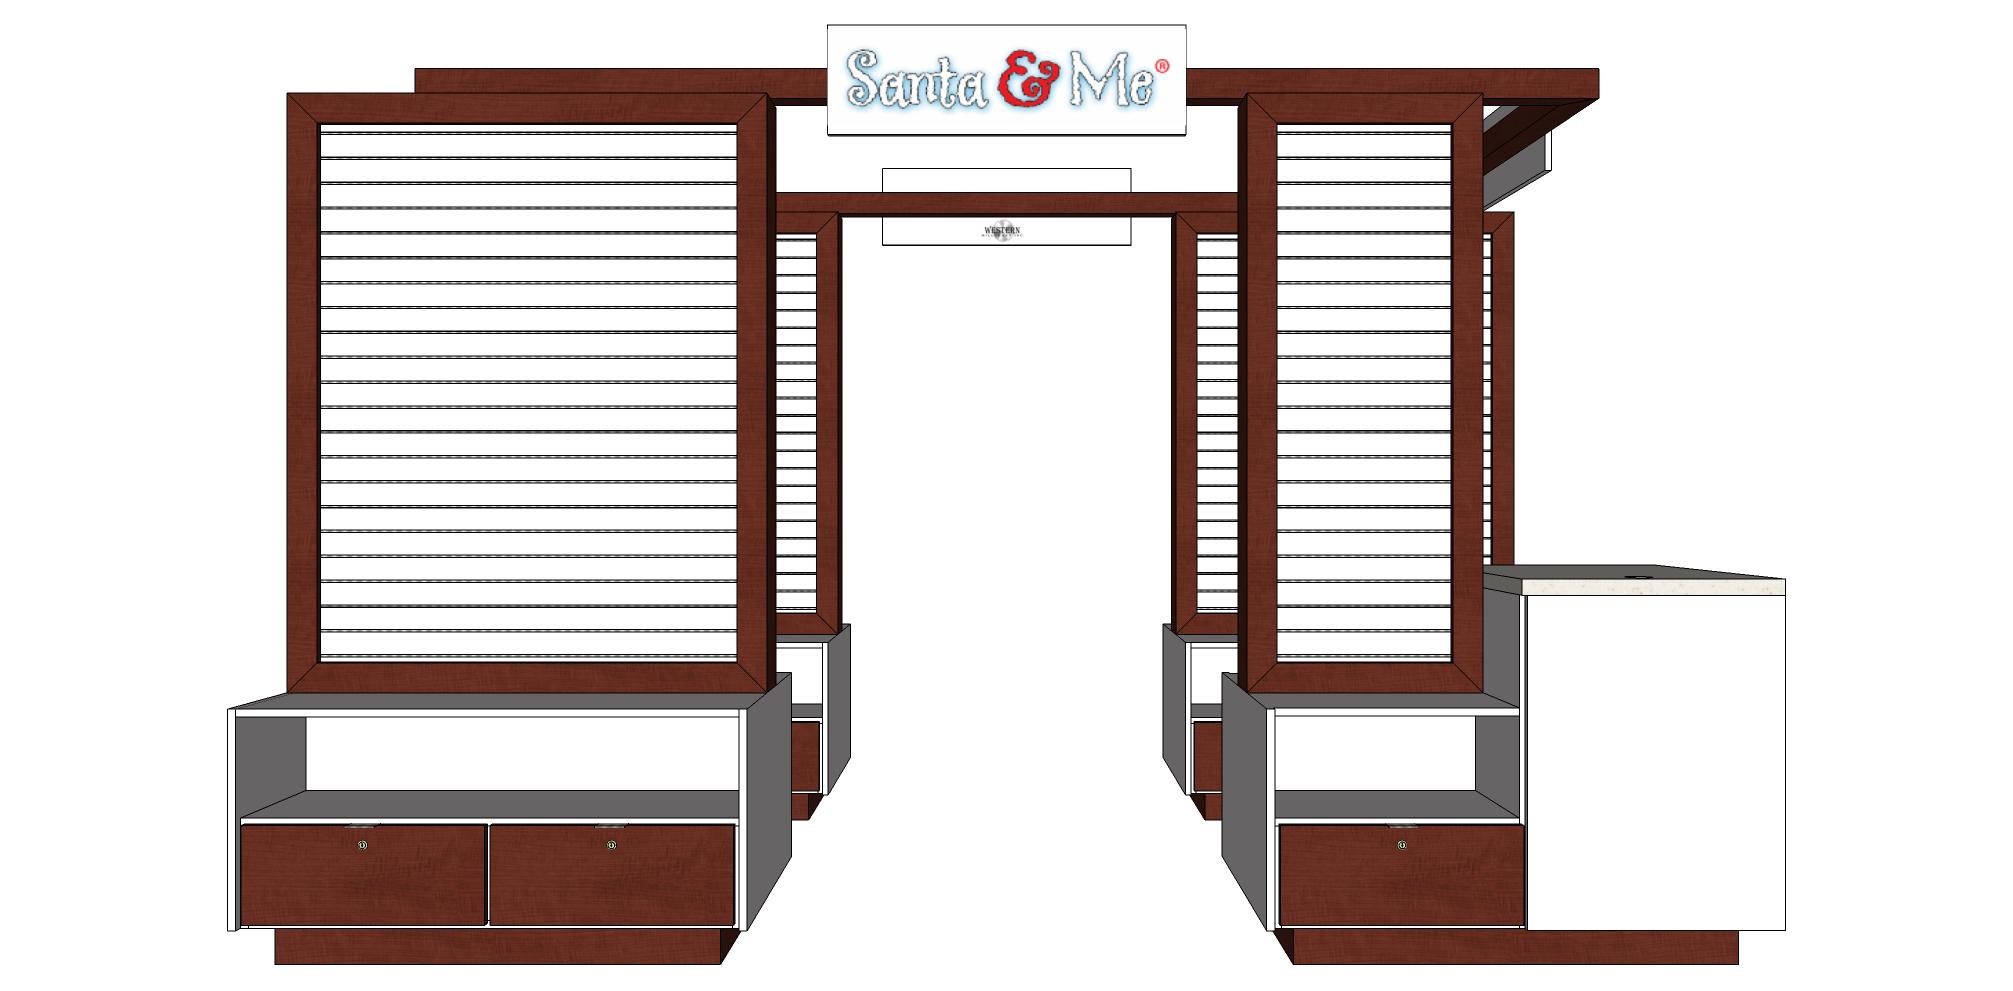 Santa & Me, Kiosk 16-807